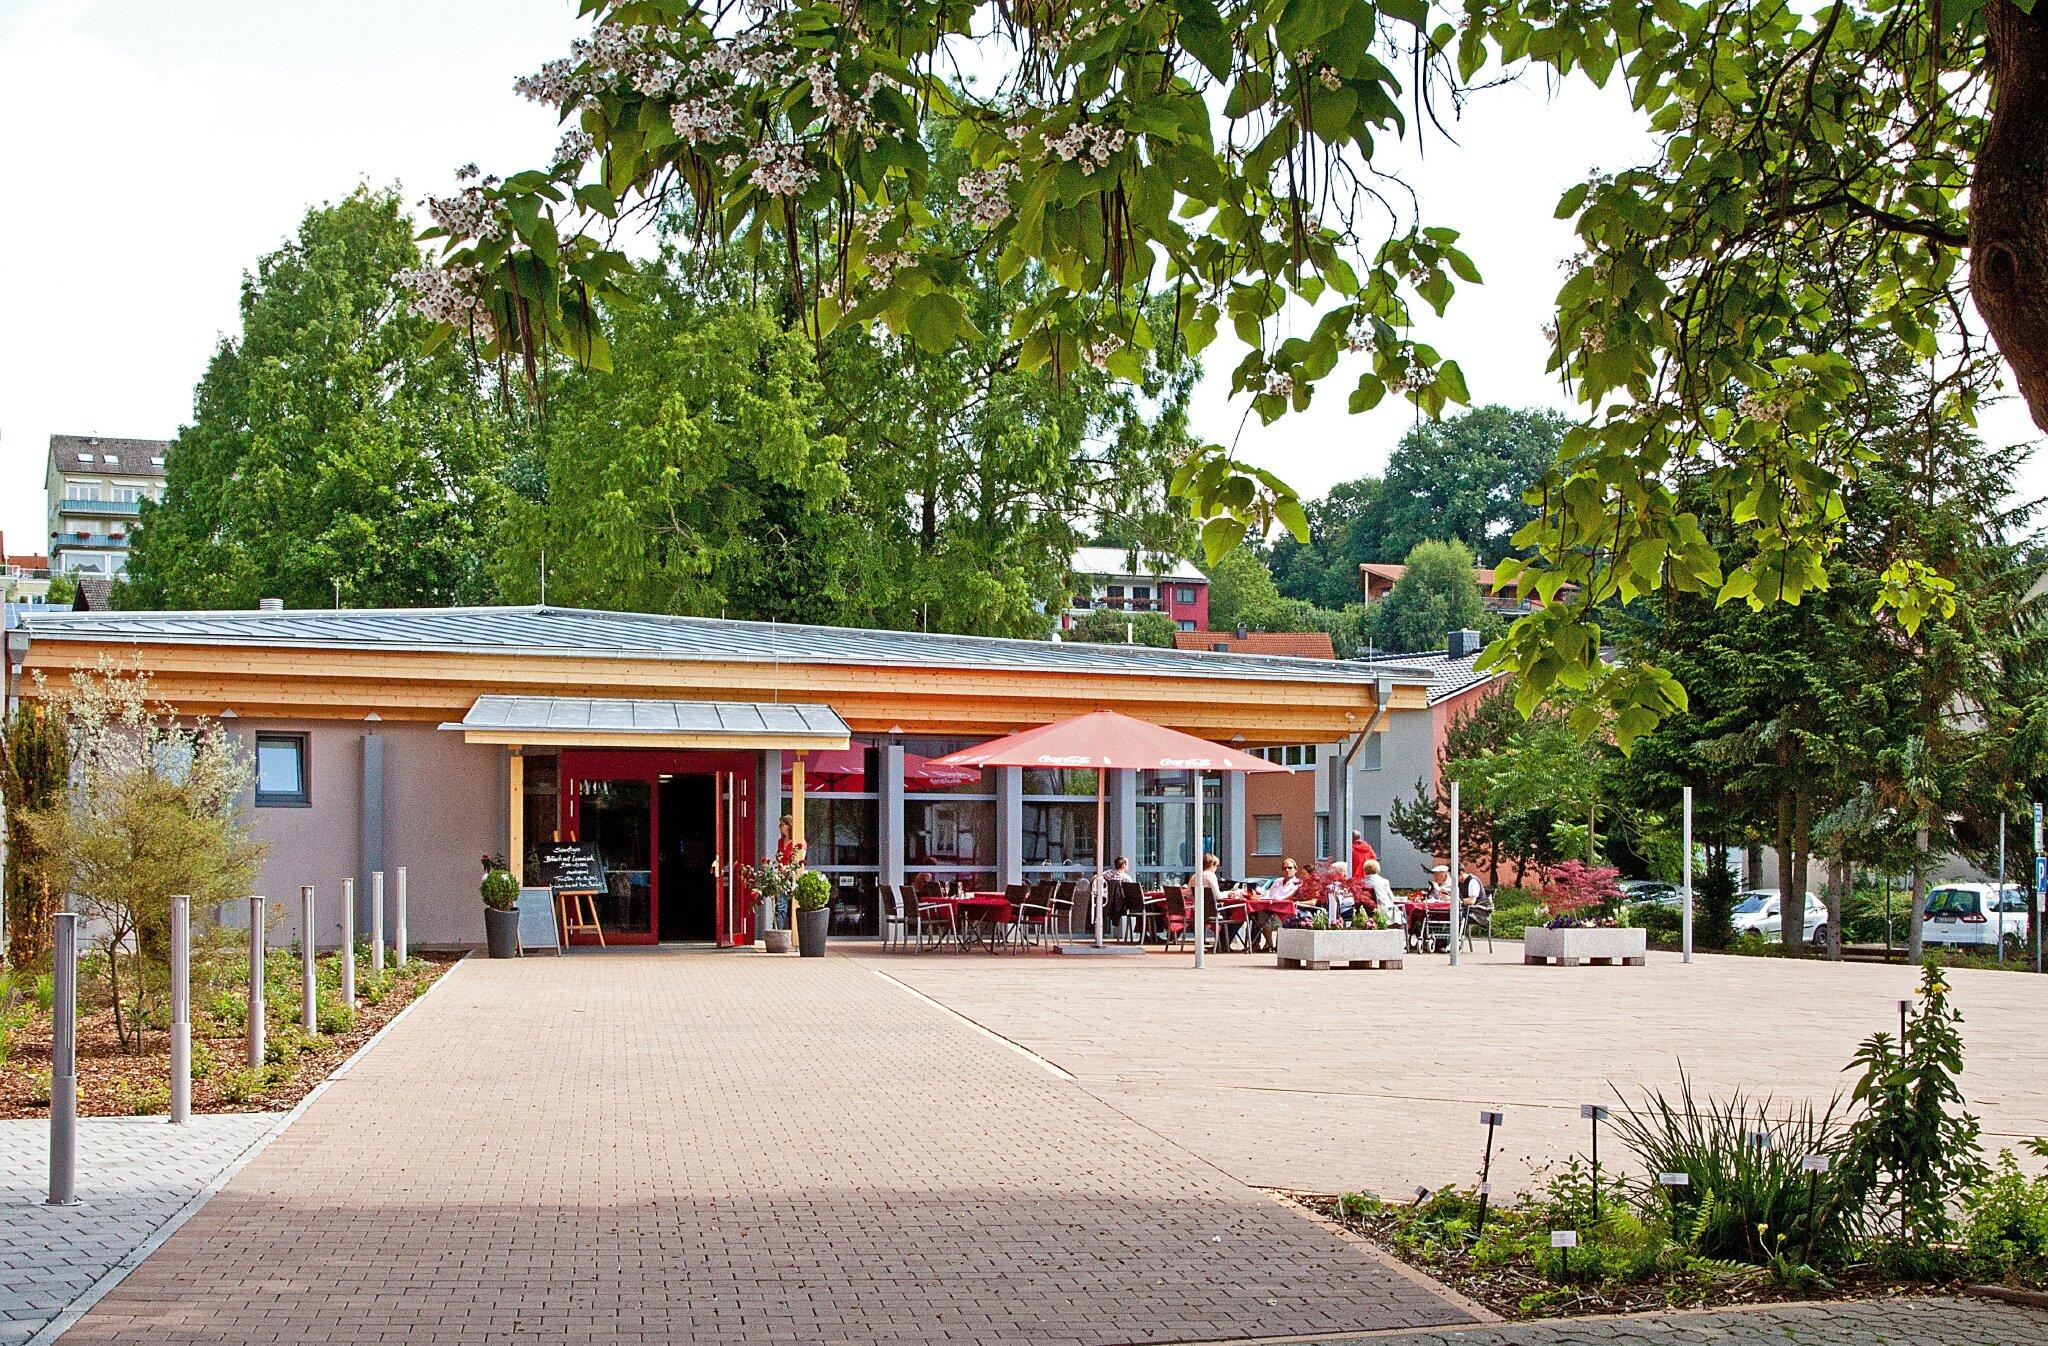 Neue Wandel-und Kulturhalle Bad König